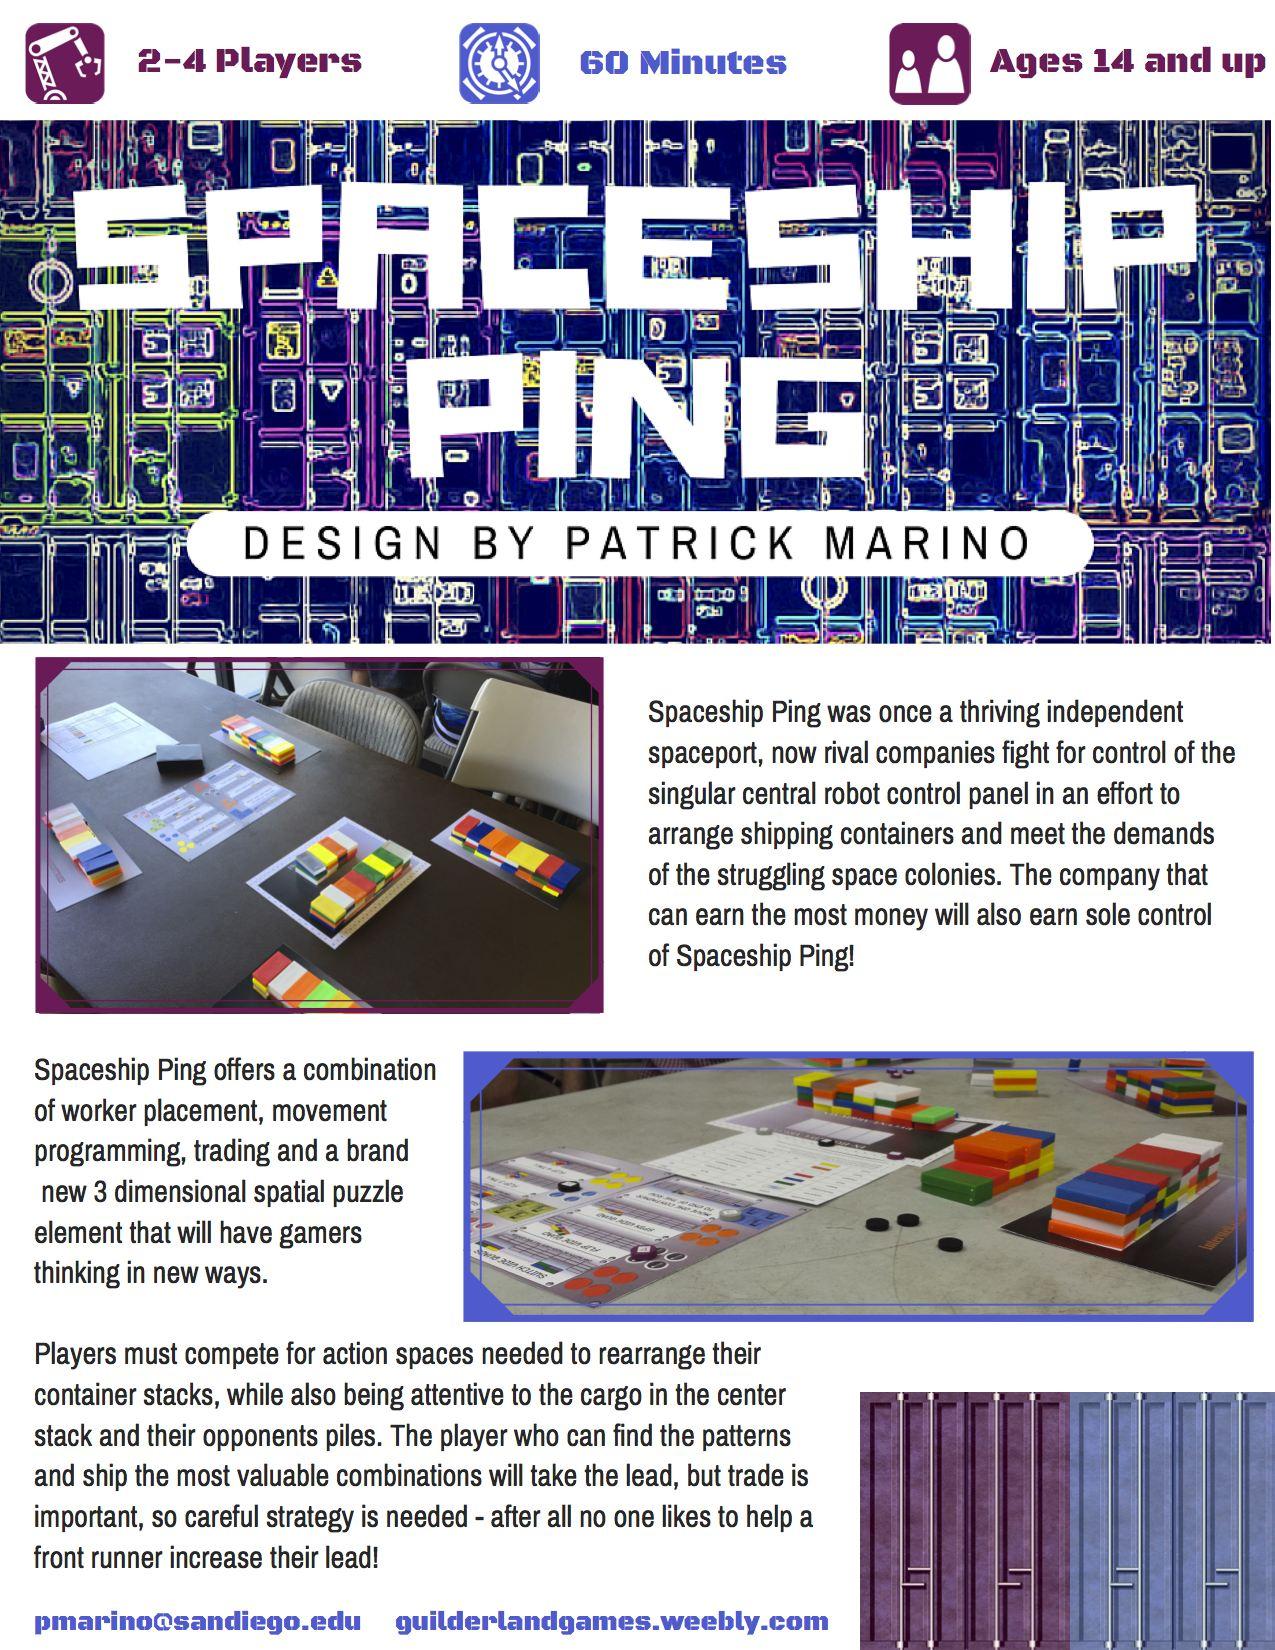 Spaceship Ping